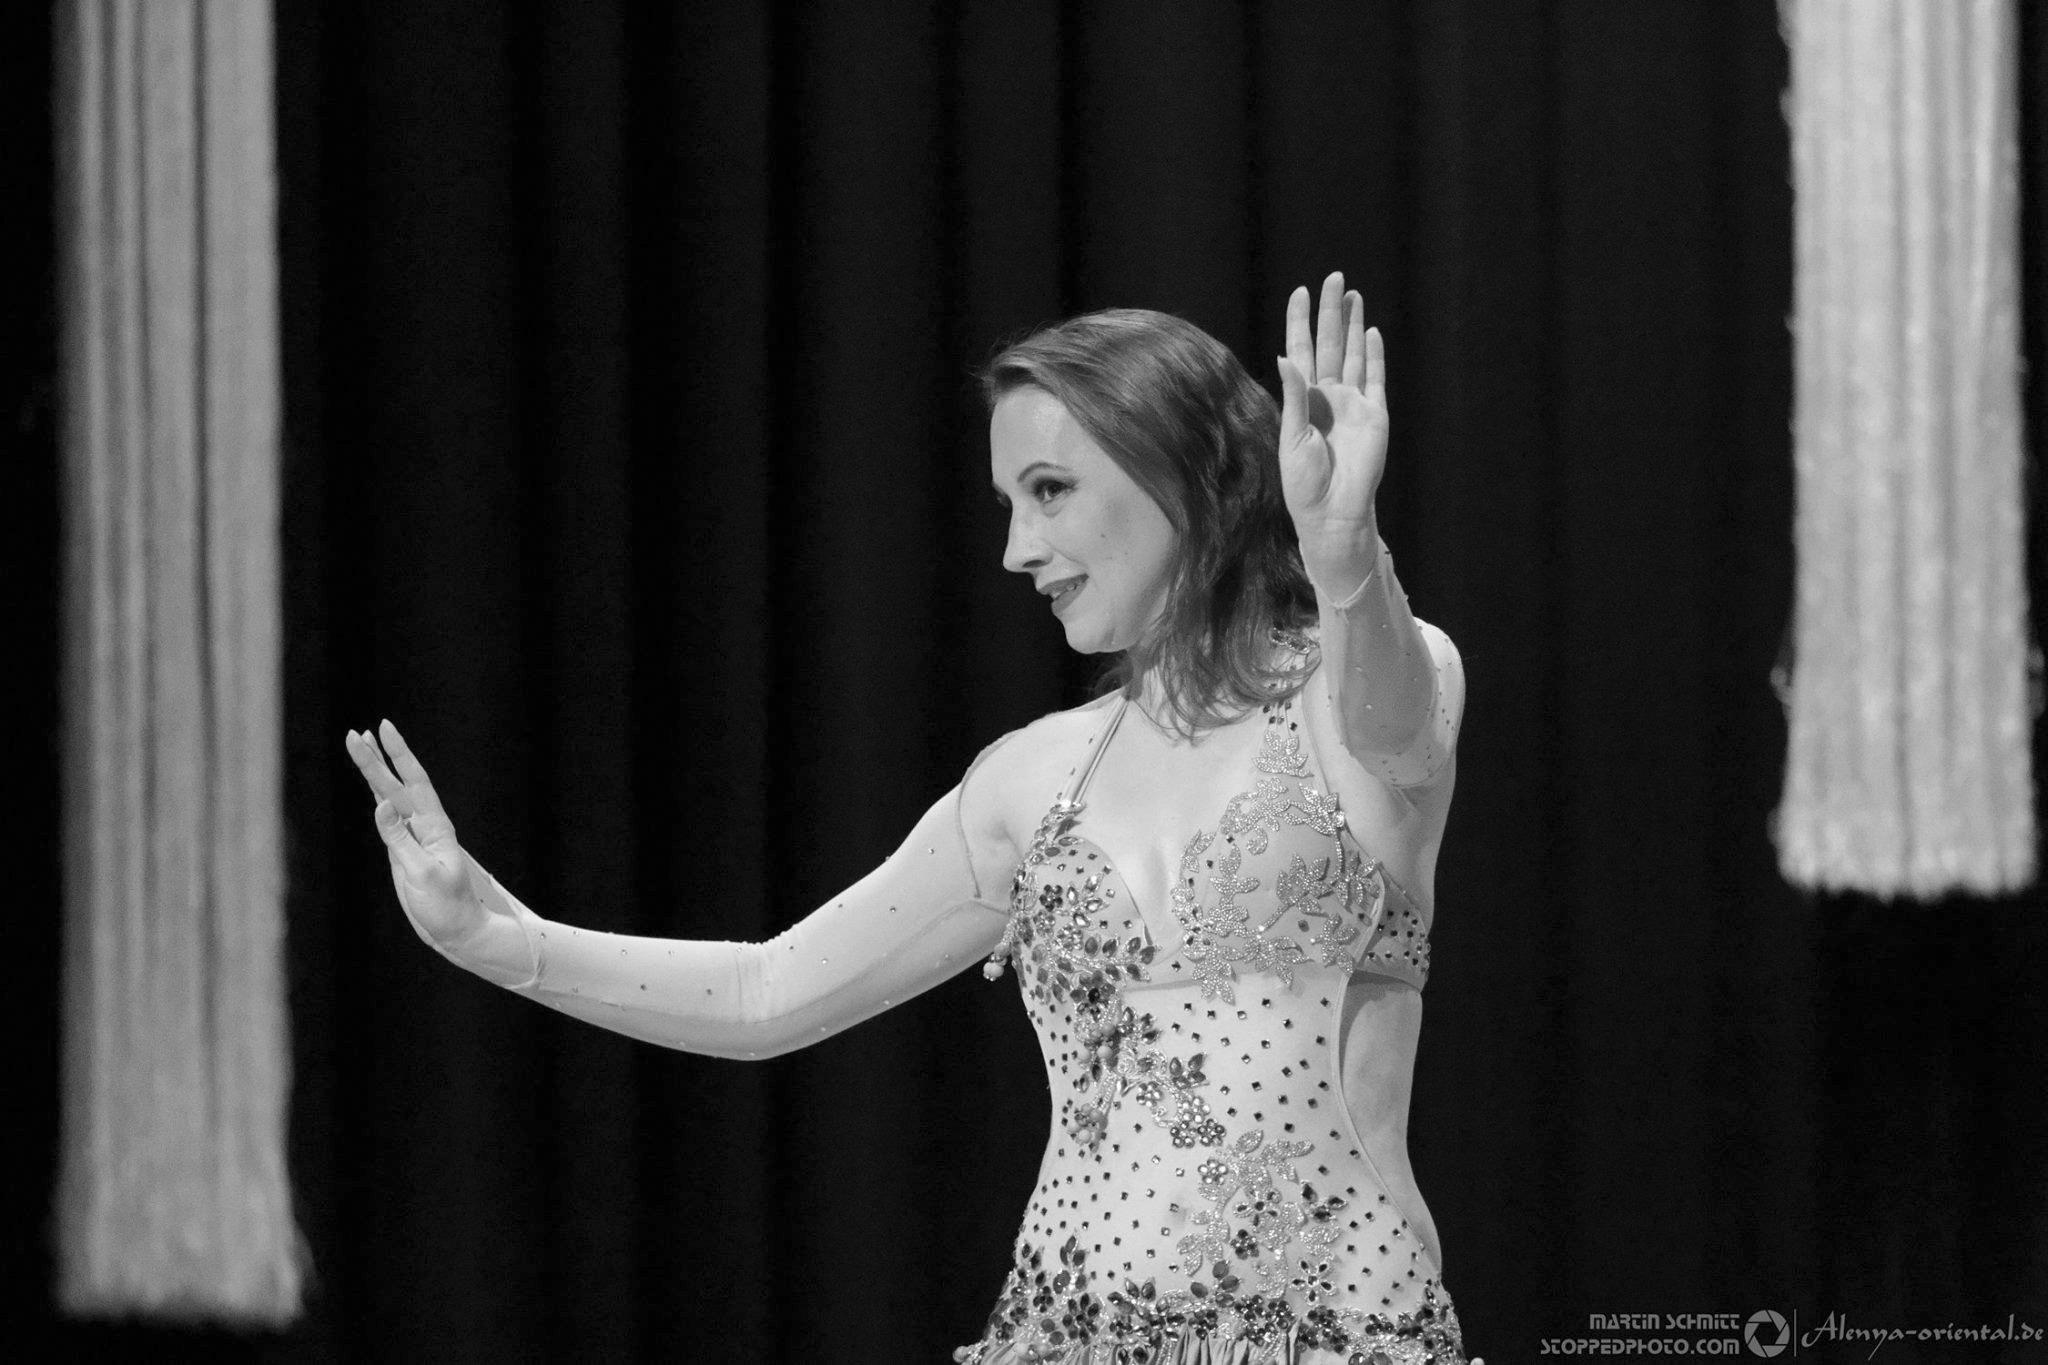 Tanzen wie die Stars – Tanzstilanalyse